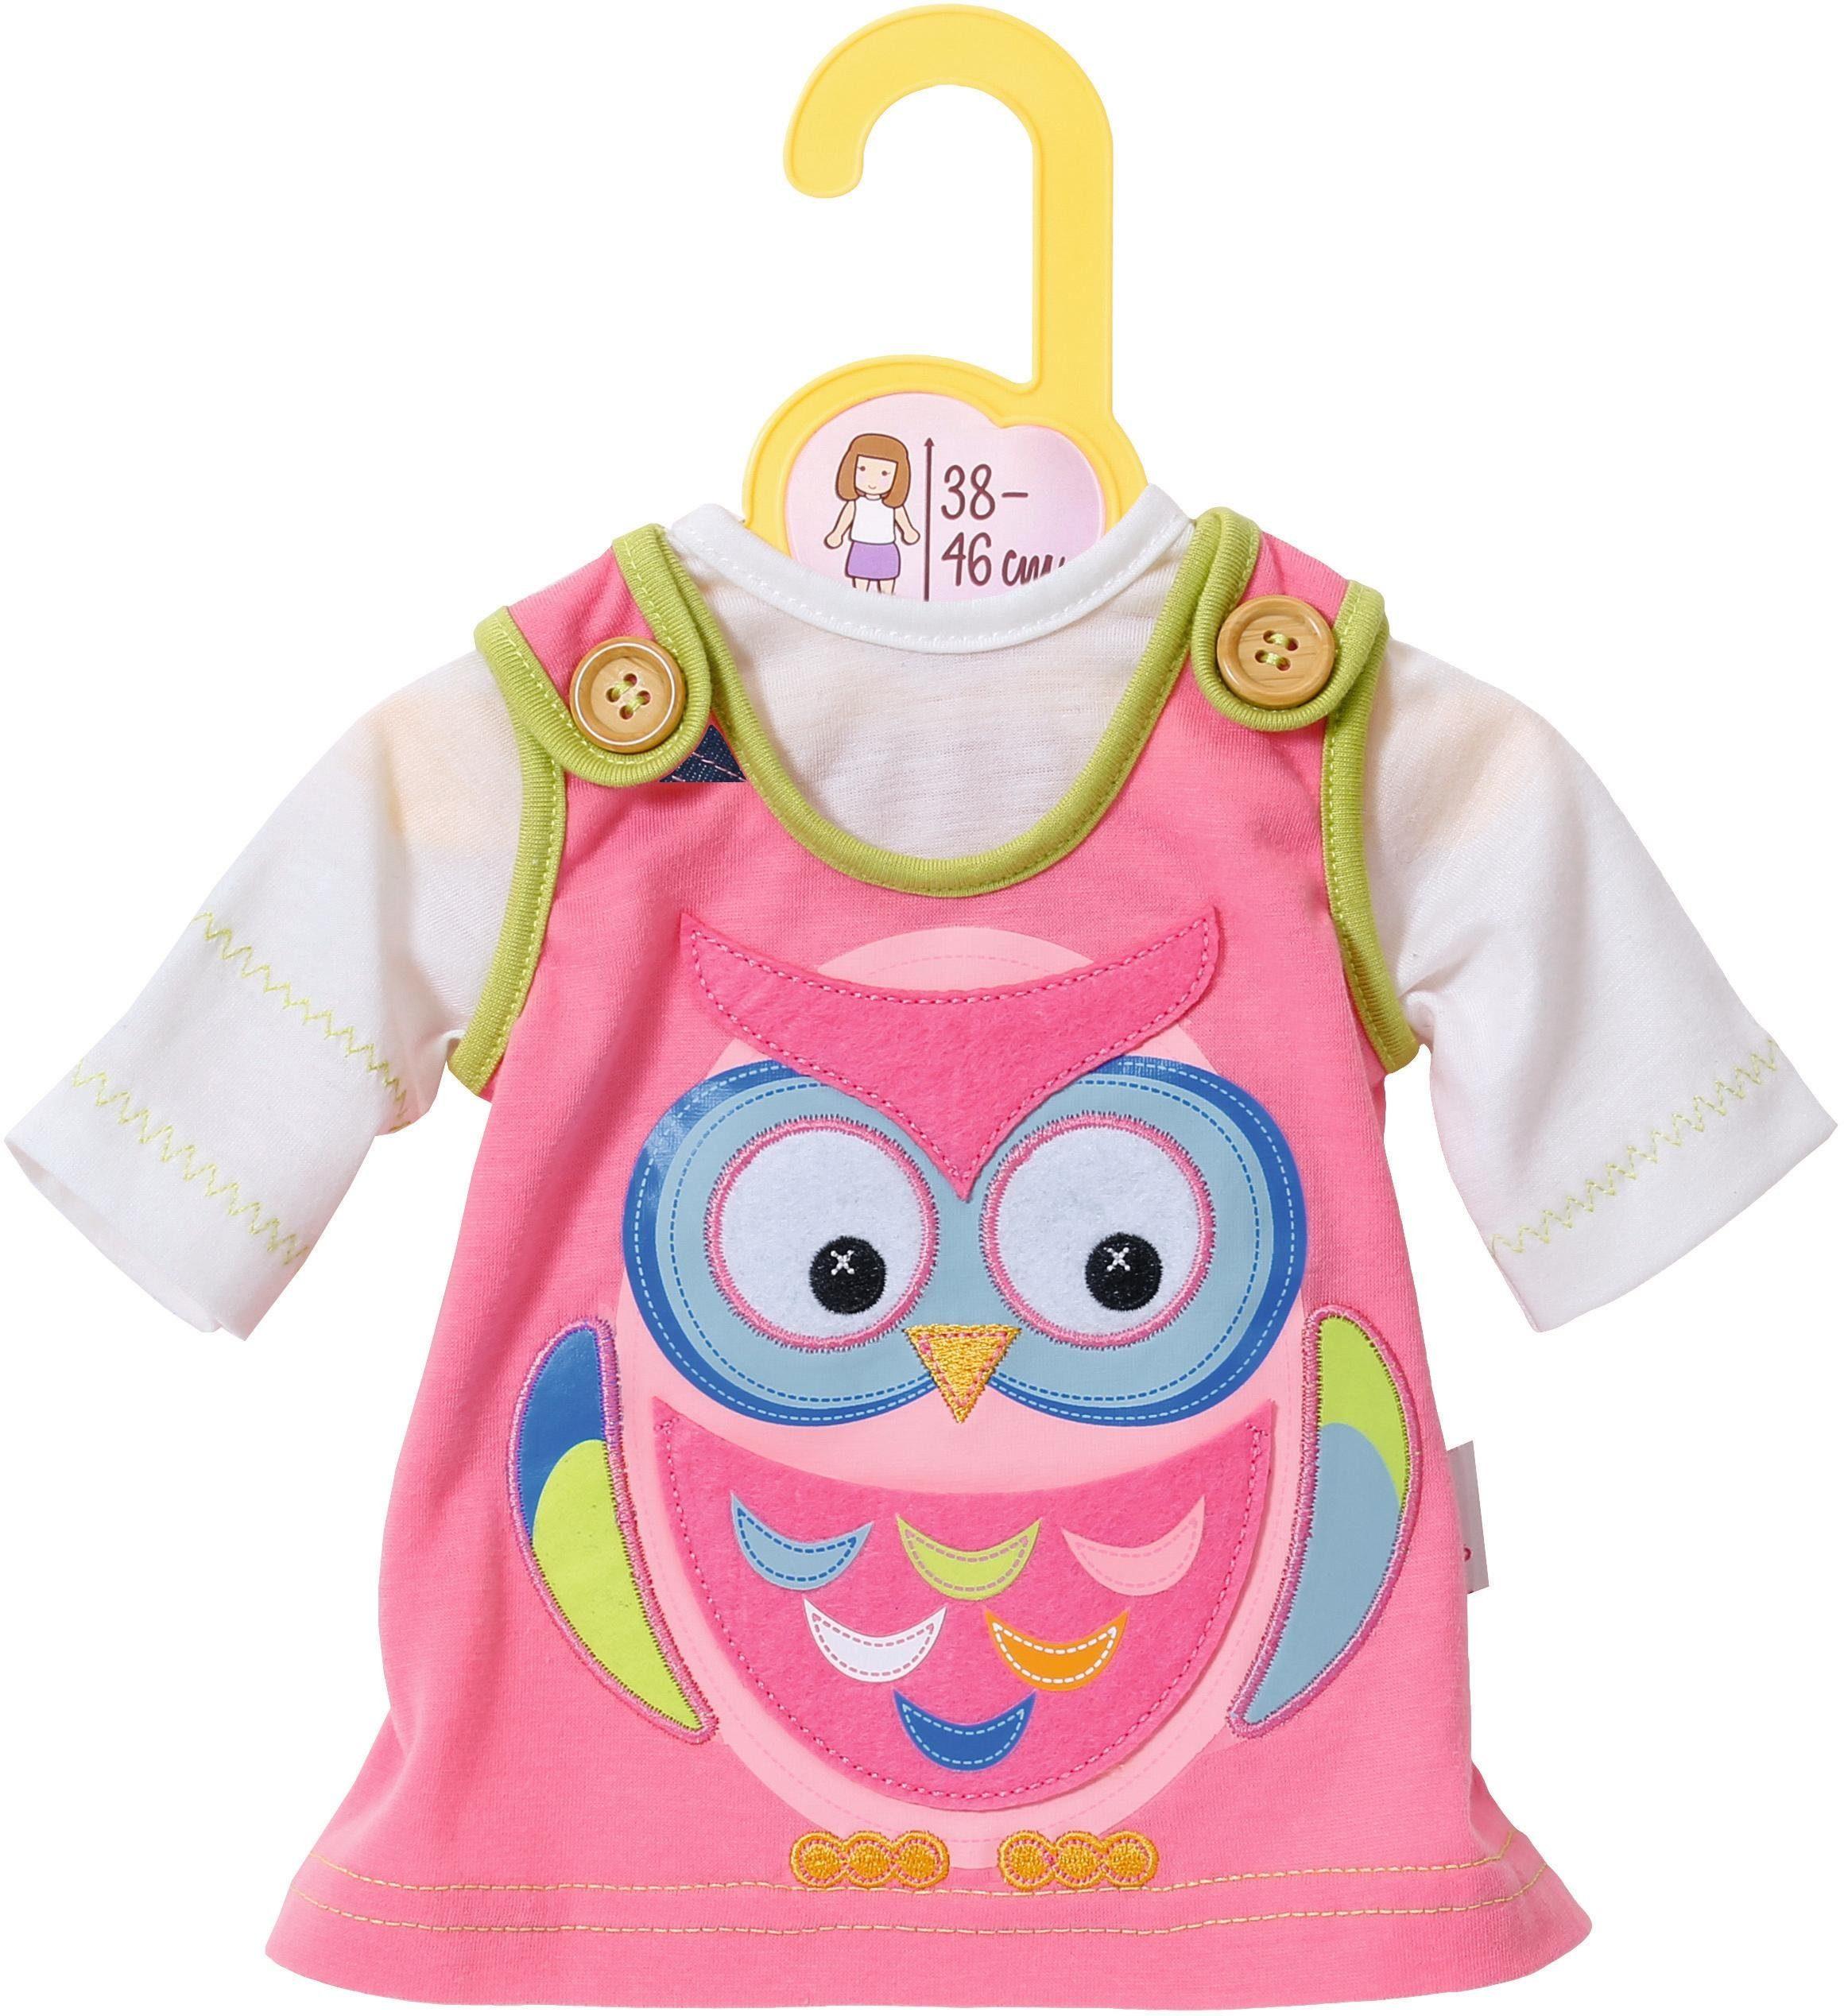 Zapf Creation Puppenbekleidung Größe 38-46 cm, »Dolly Moda Kleid mit Eule«